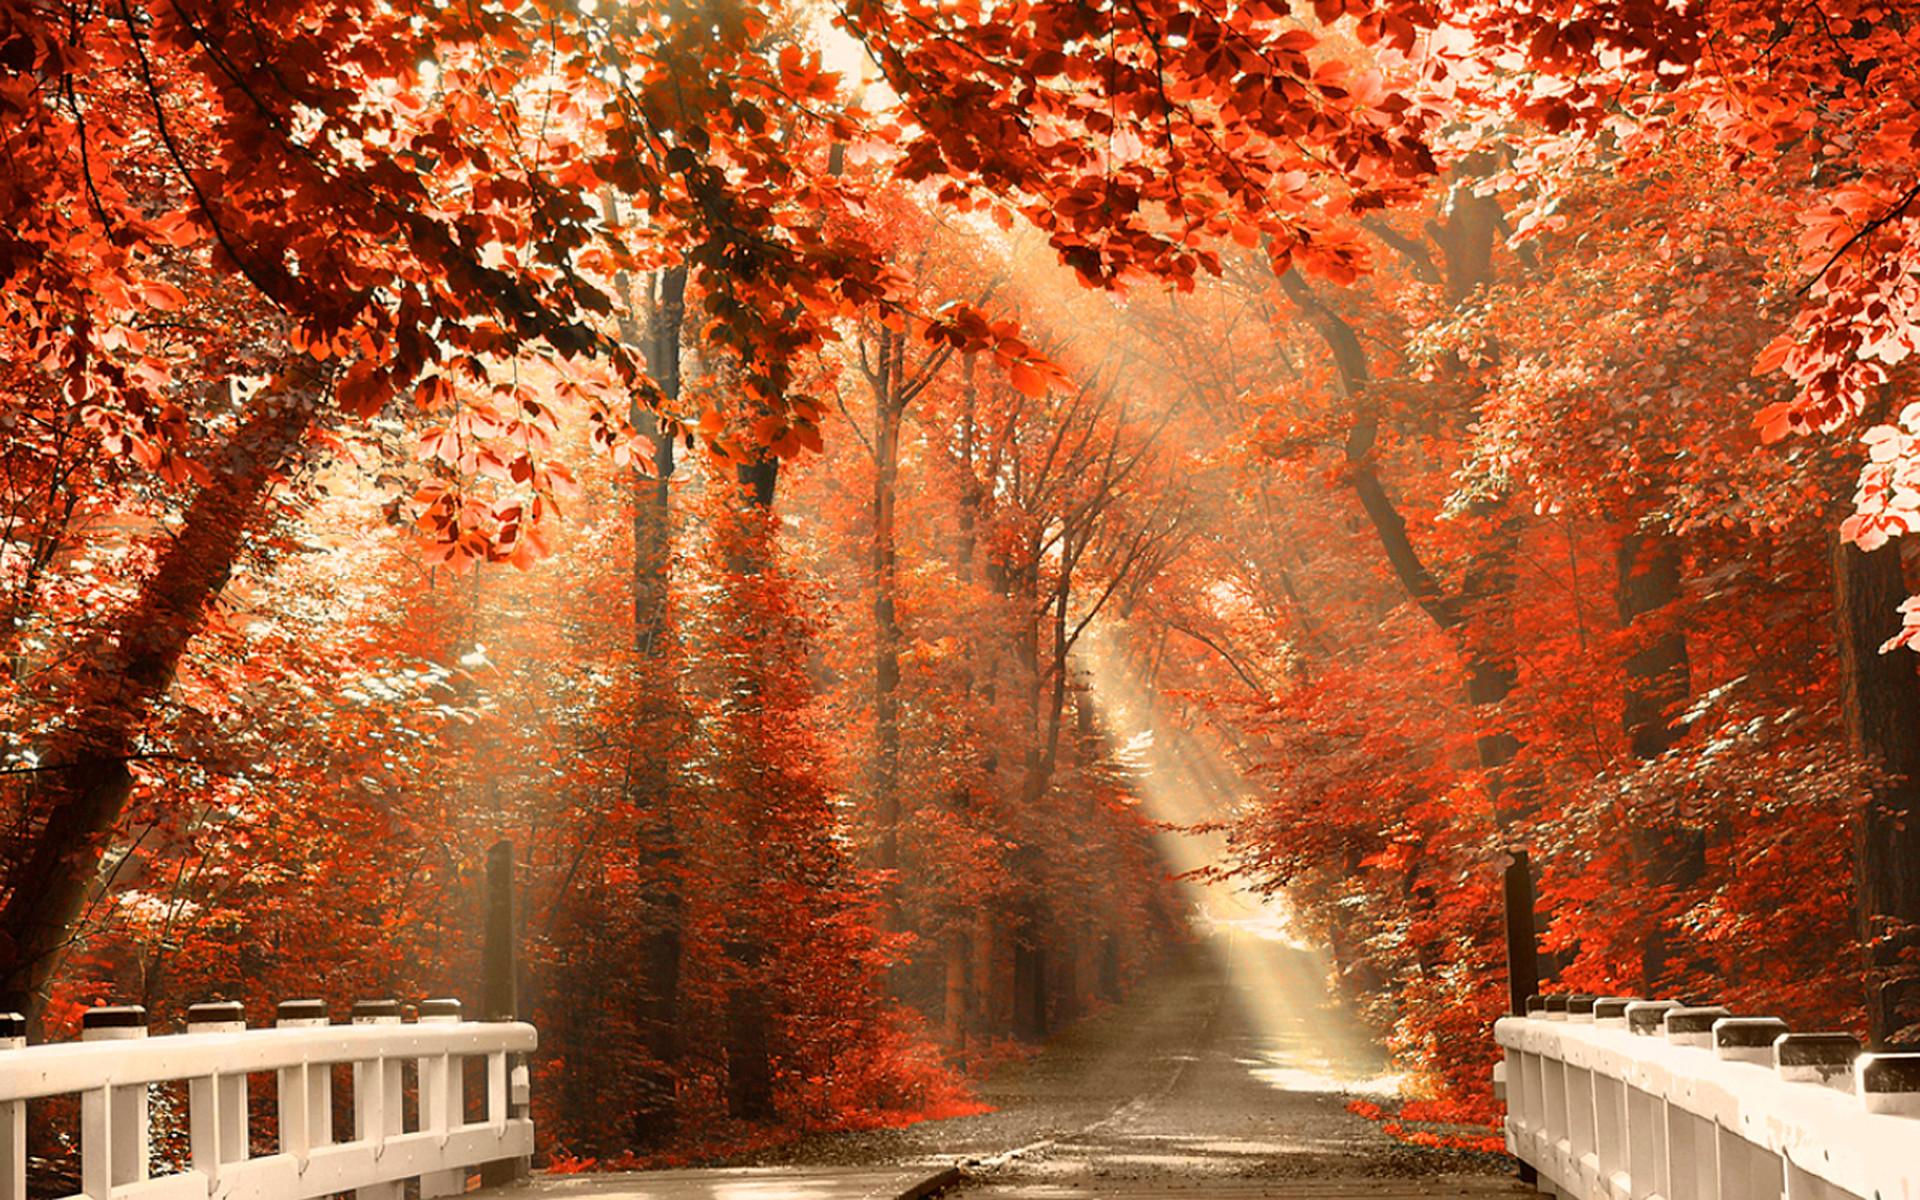 Autumn Nature Desktop Backgrounds | wallpaper, wallpaper hd .